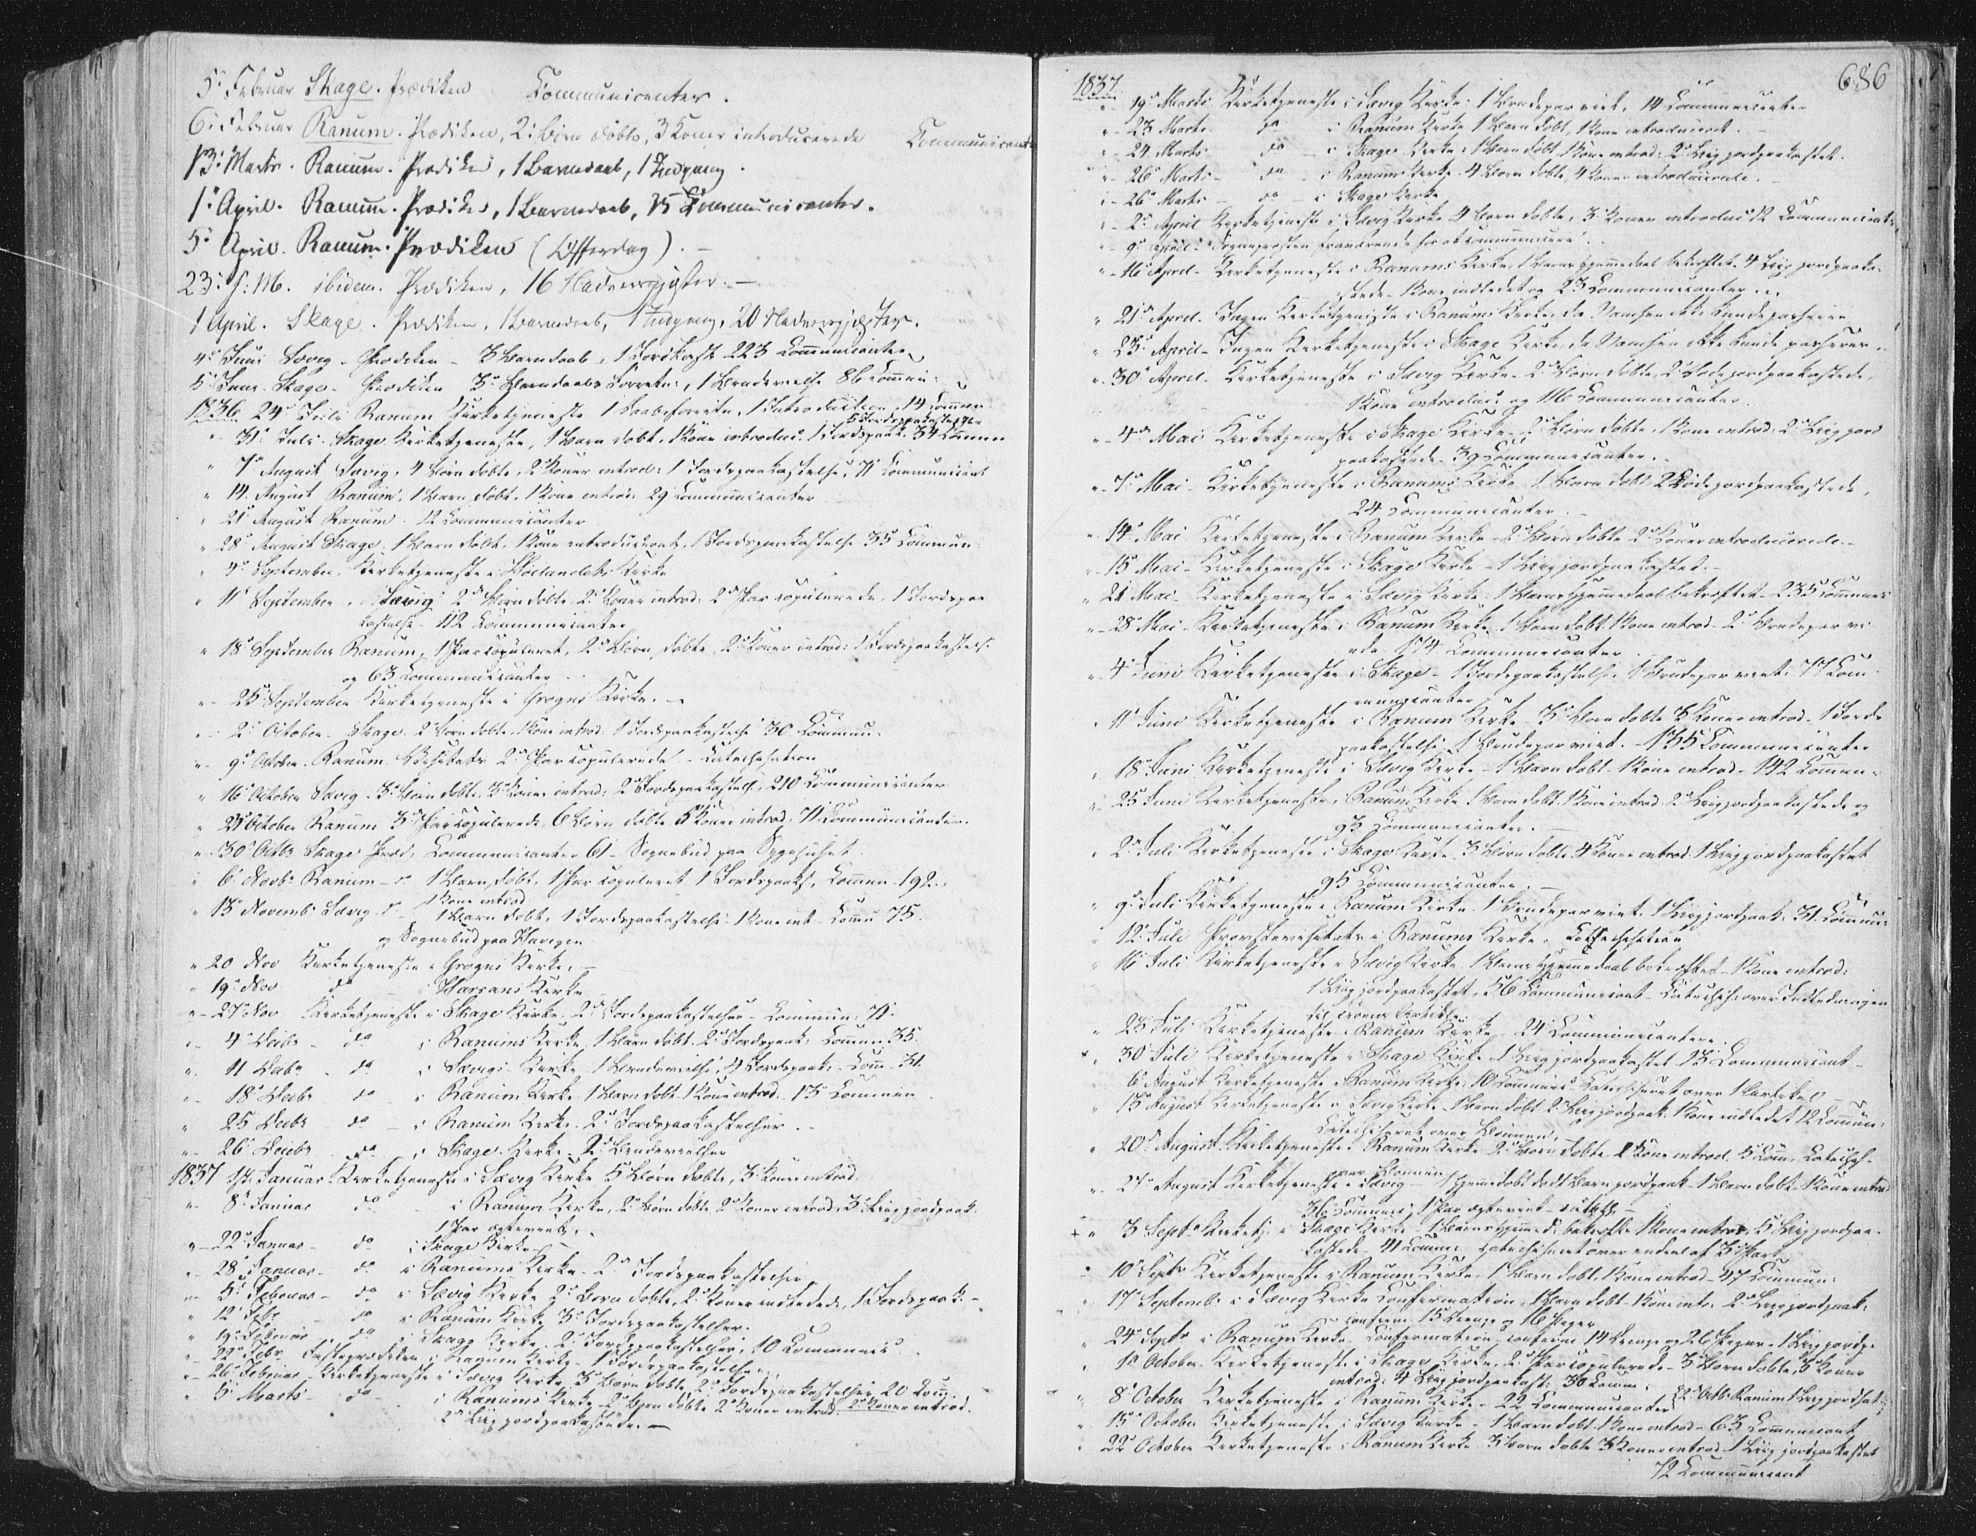 SAT, Ministerialprotokoller, klokkerbøker og fødselsregistre - Nord-Trøndelag, 764/L0552: Ministerialbok nr. 764A07b, 1824-1865, s. 686